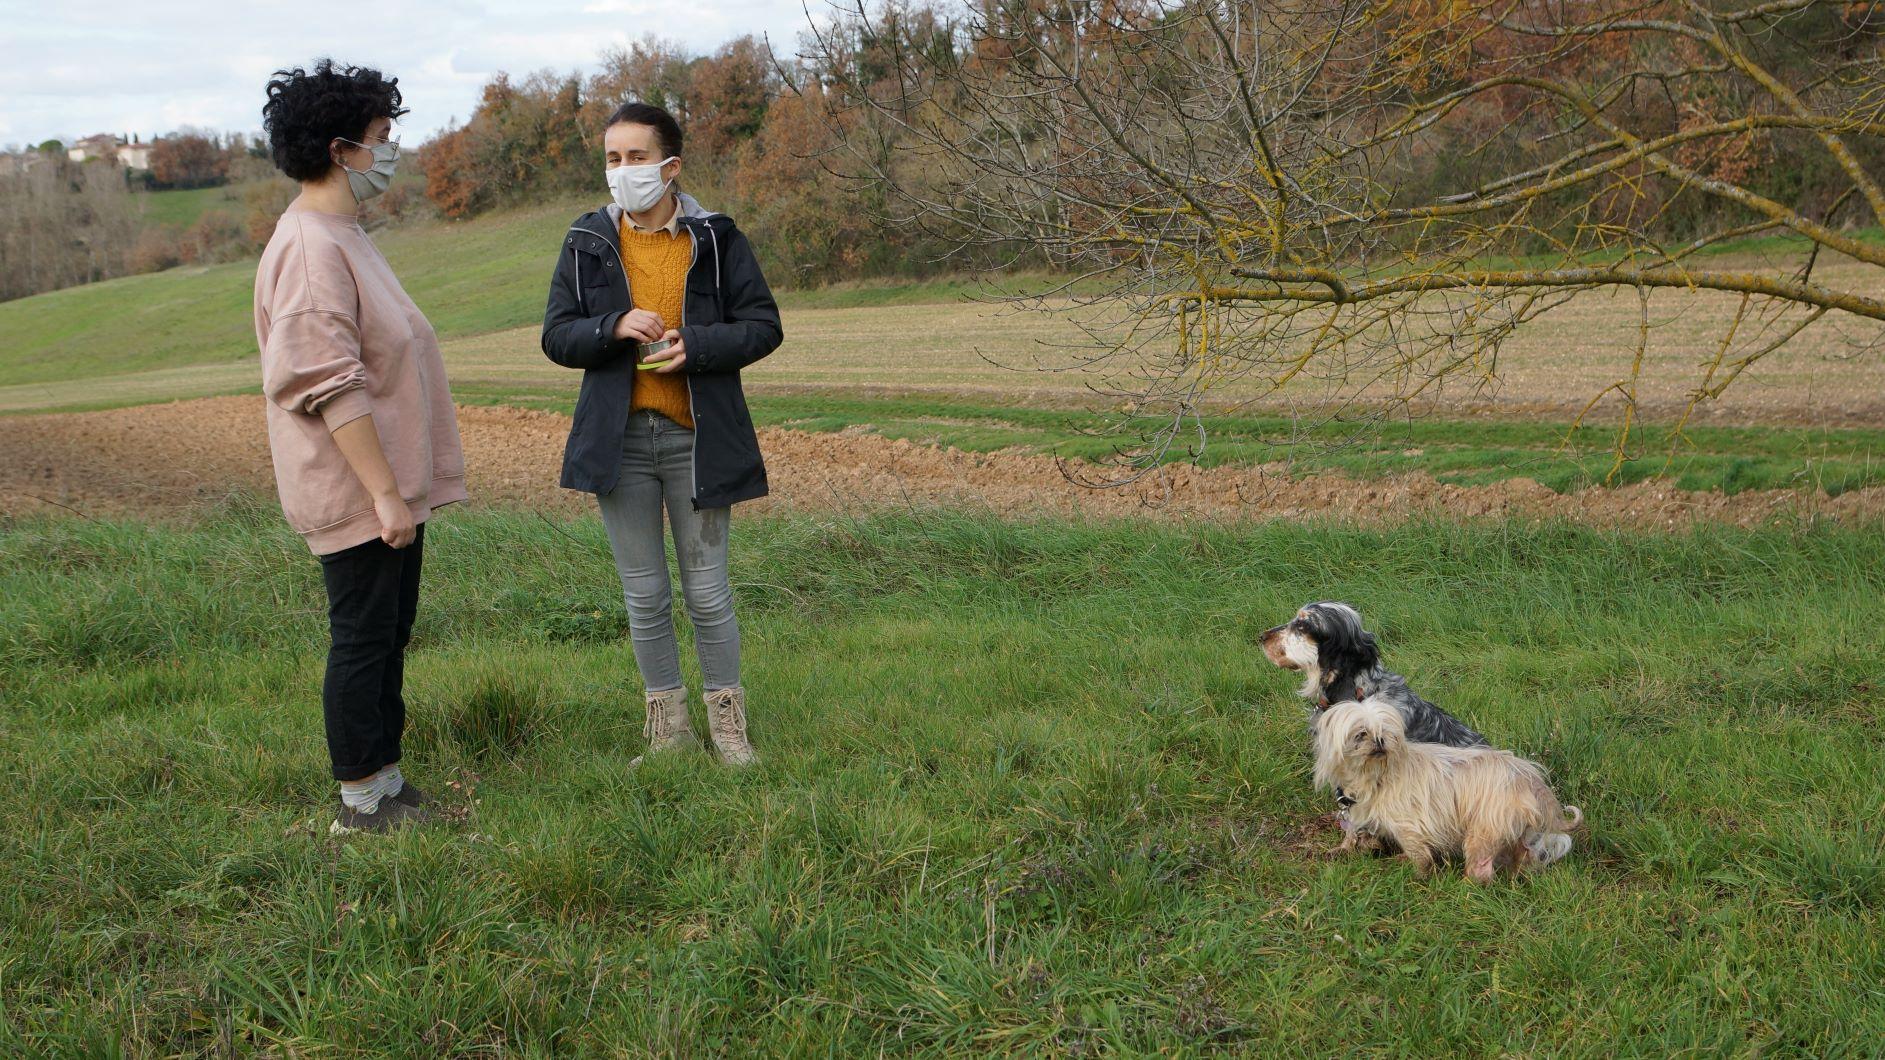 cours education canine en extérieur - deux femmes avec masque, une lhassa apso, une cocker anglaise,